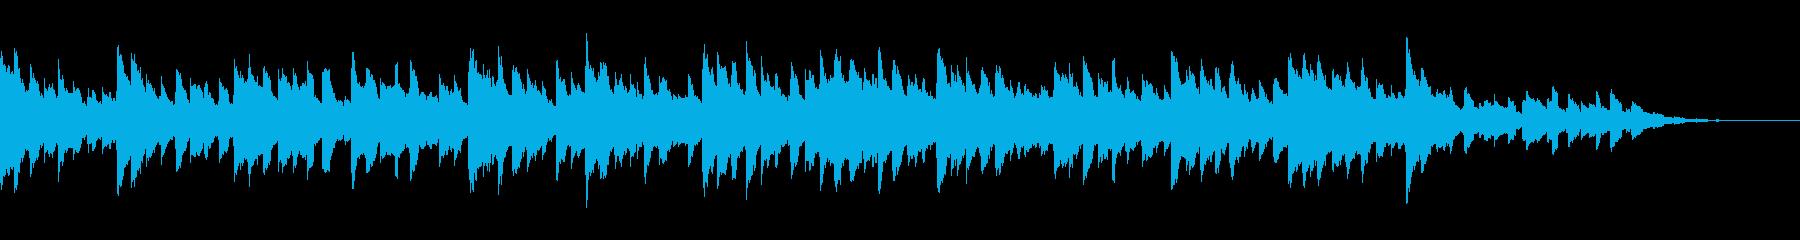 美術館を散歩するようなピアノ エレピの再生済みの波形